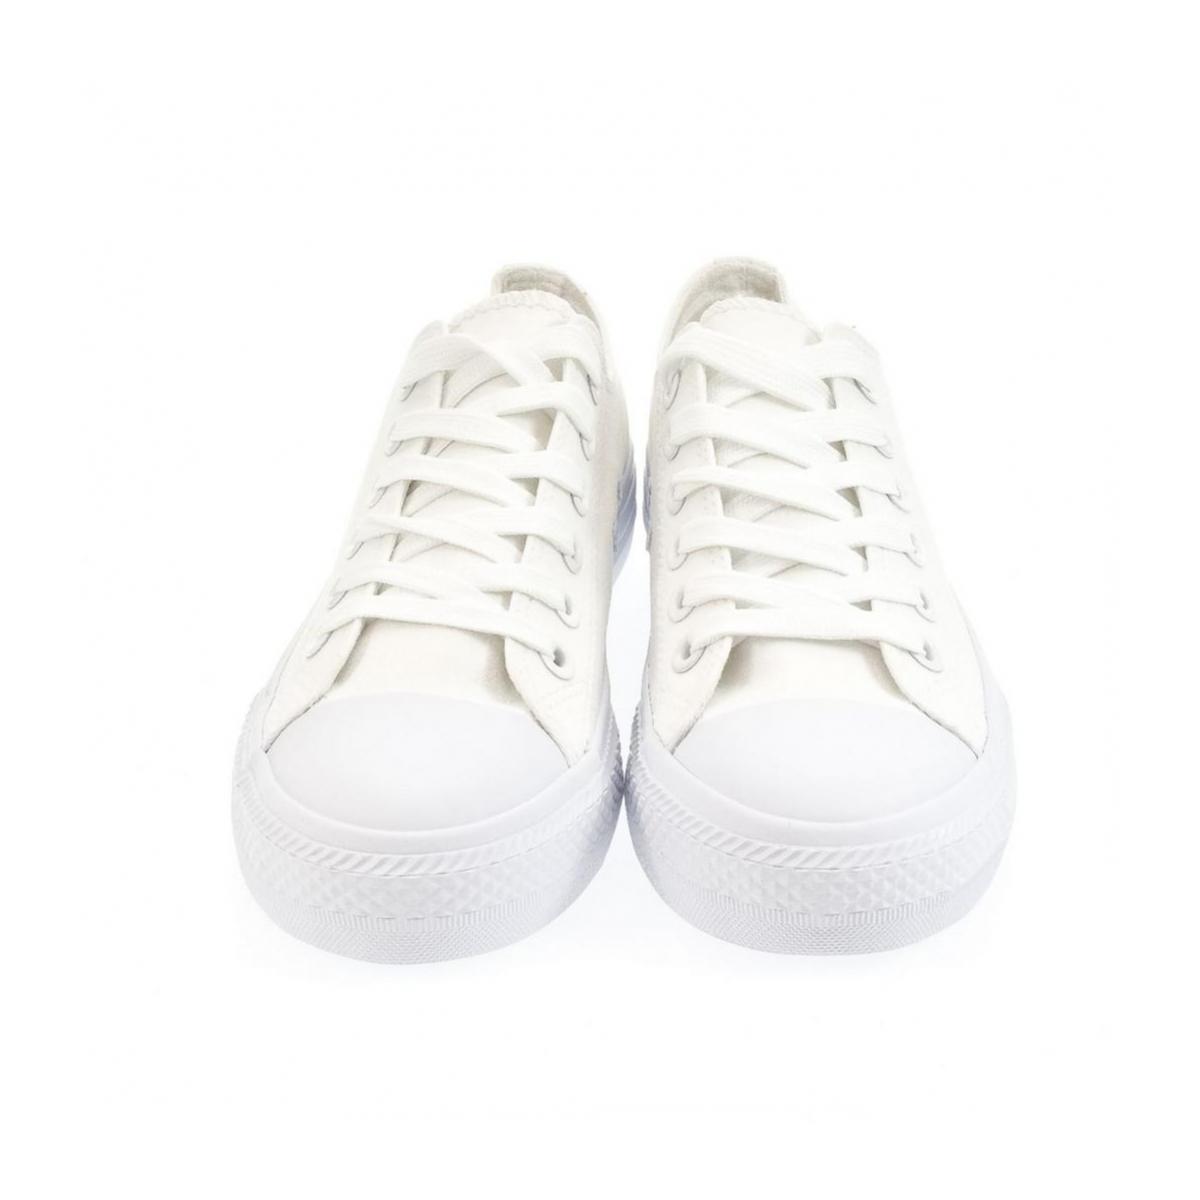 eeb703ffd7b78 Dámske biele tenisky MILY | Johnc.sk